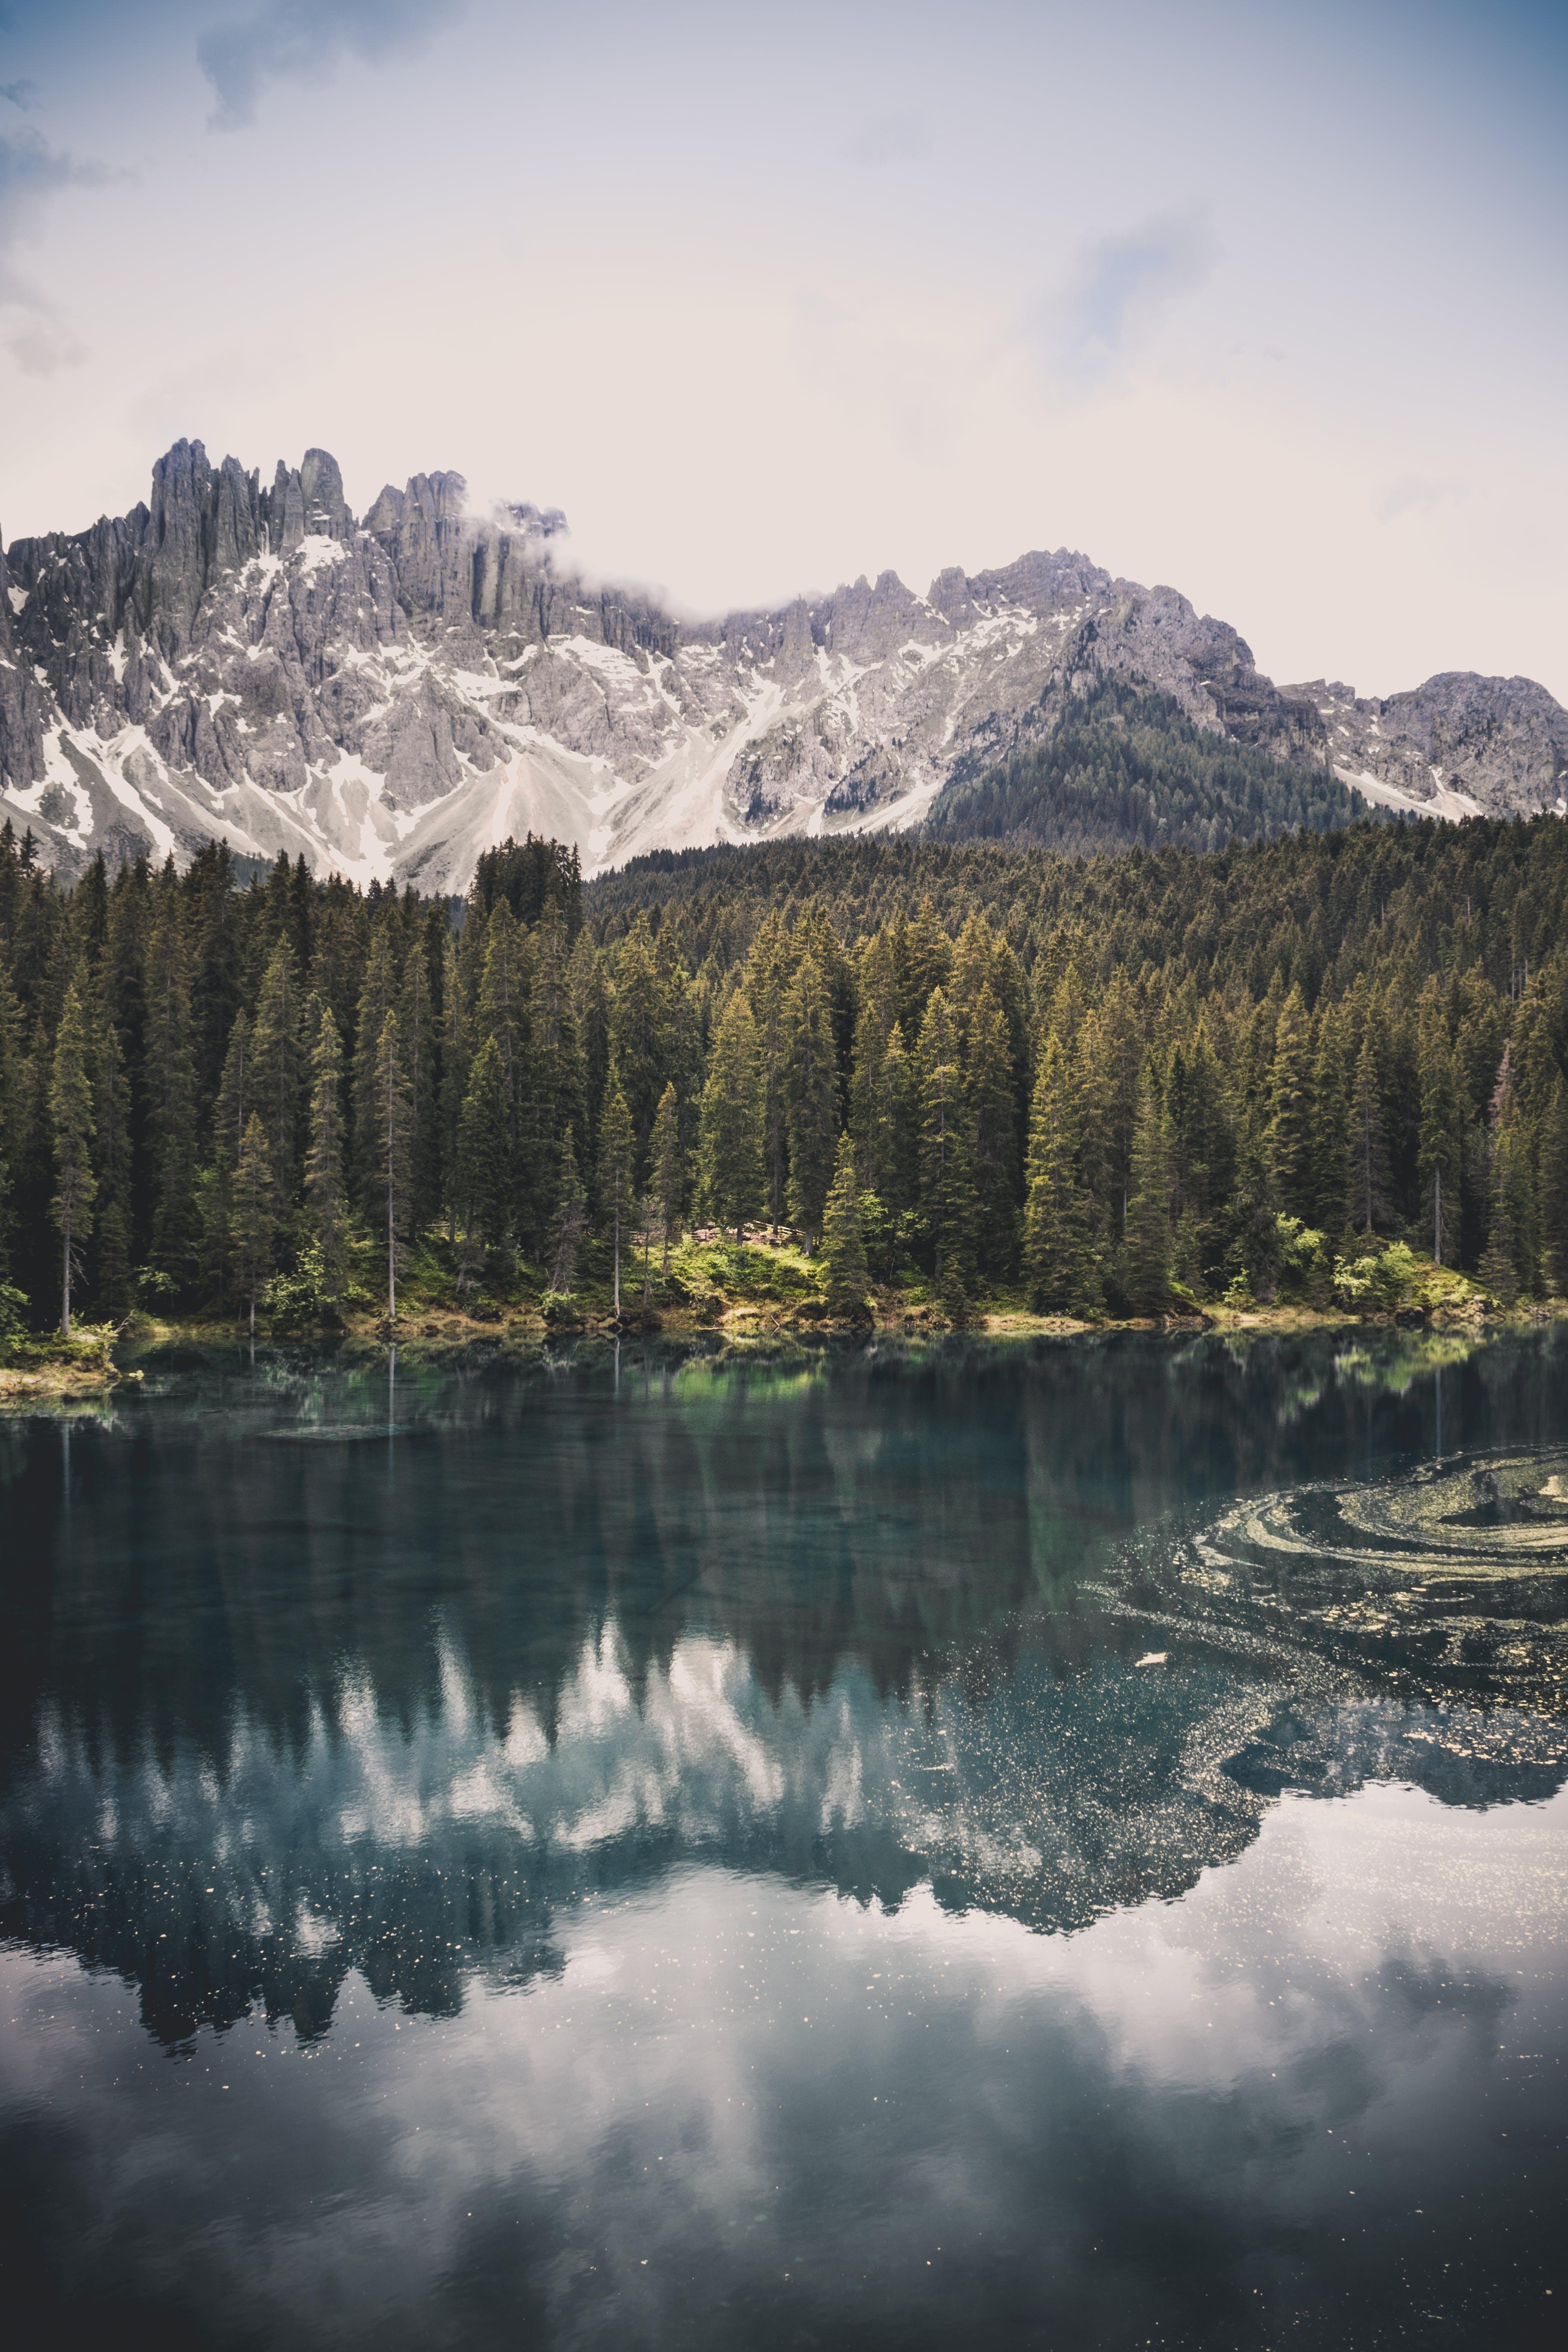 Kostenloses Stock Foto zu abenteuer, bäume, berg, bewölkt